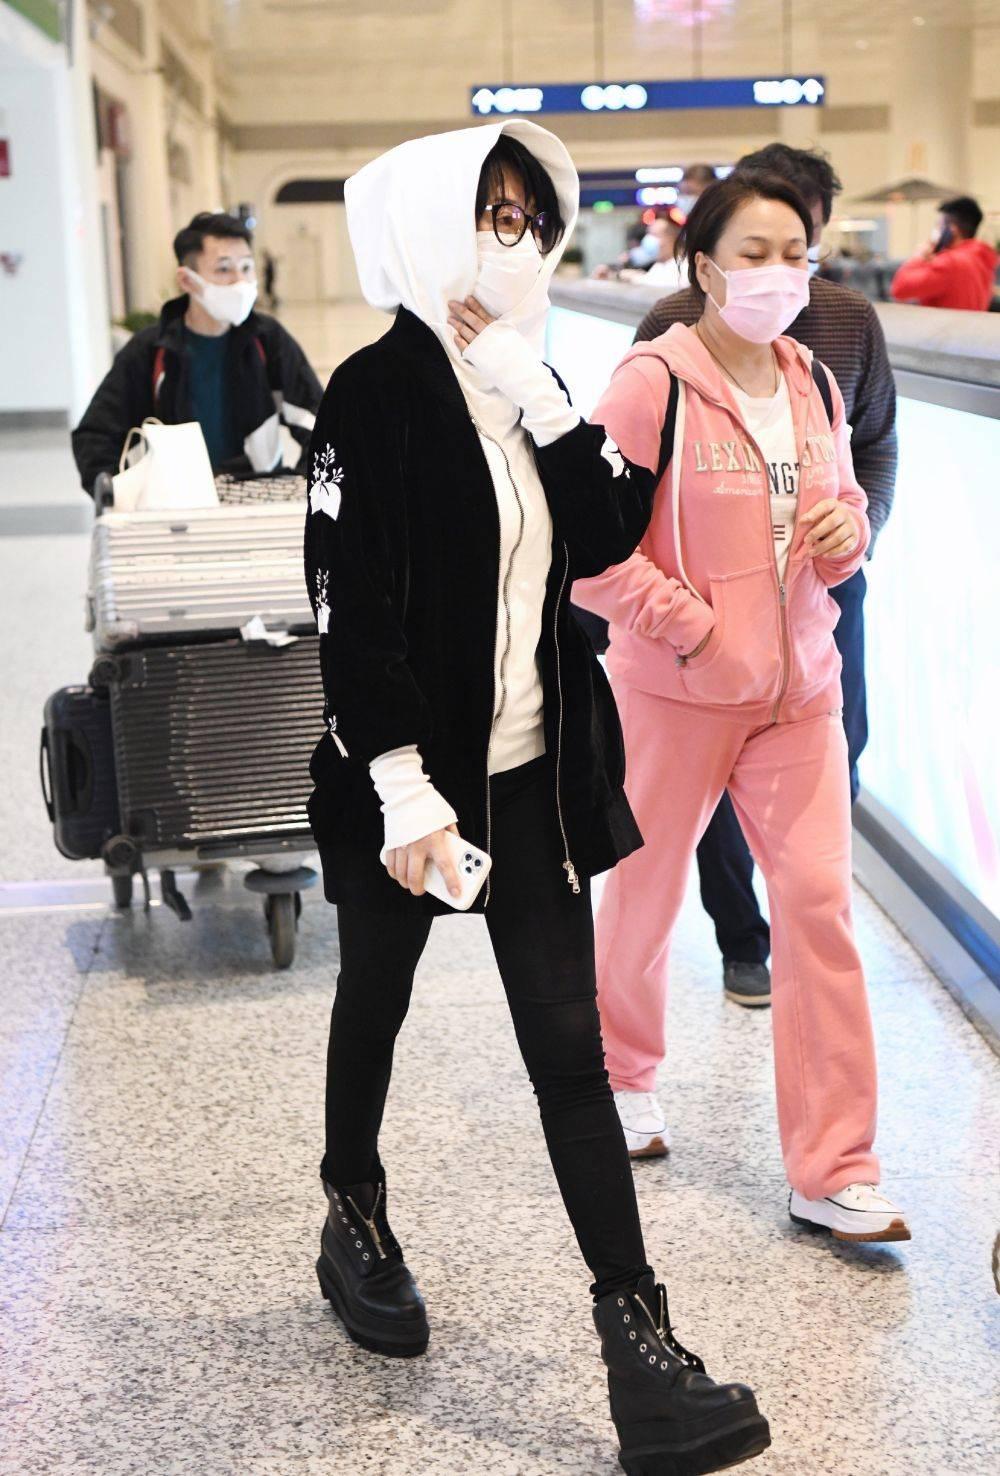 許晴罕見走機場,鞋子讓人一言難盡,素顏膚色黝黑暴露真實狀態!